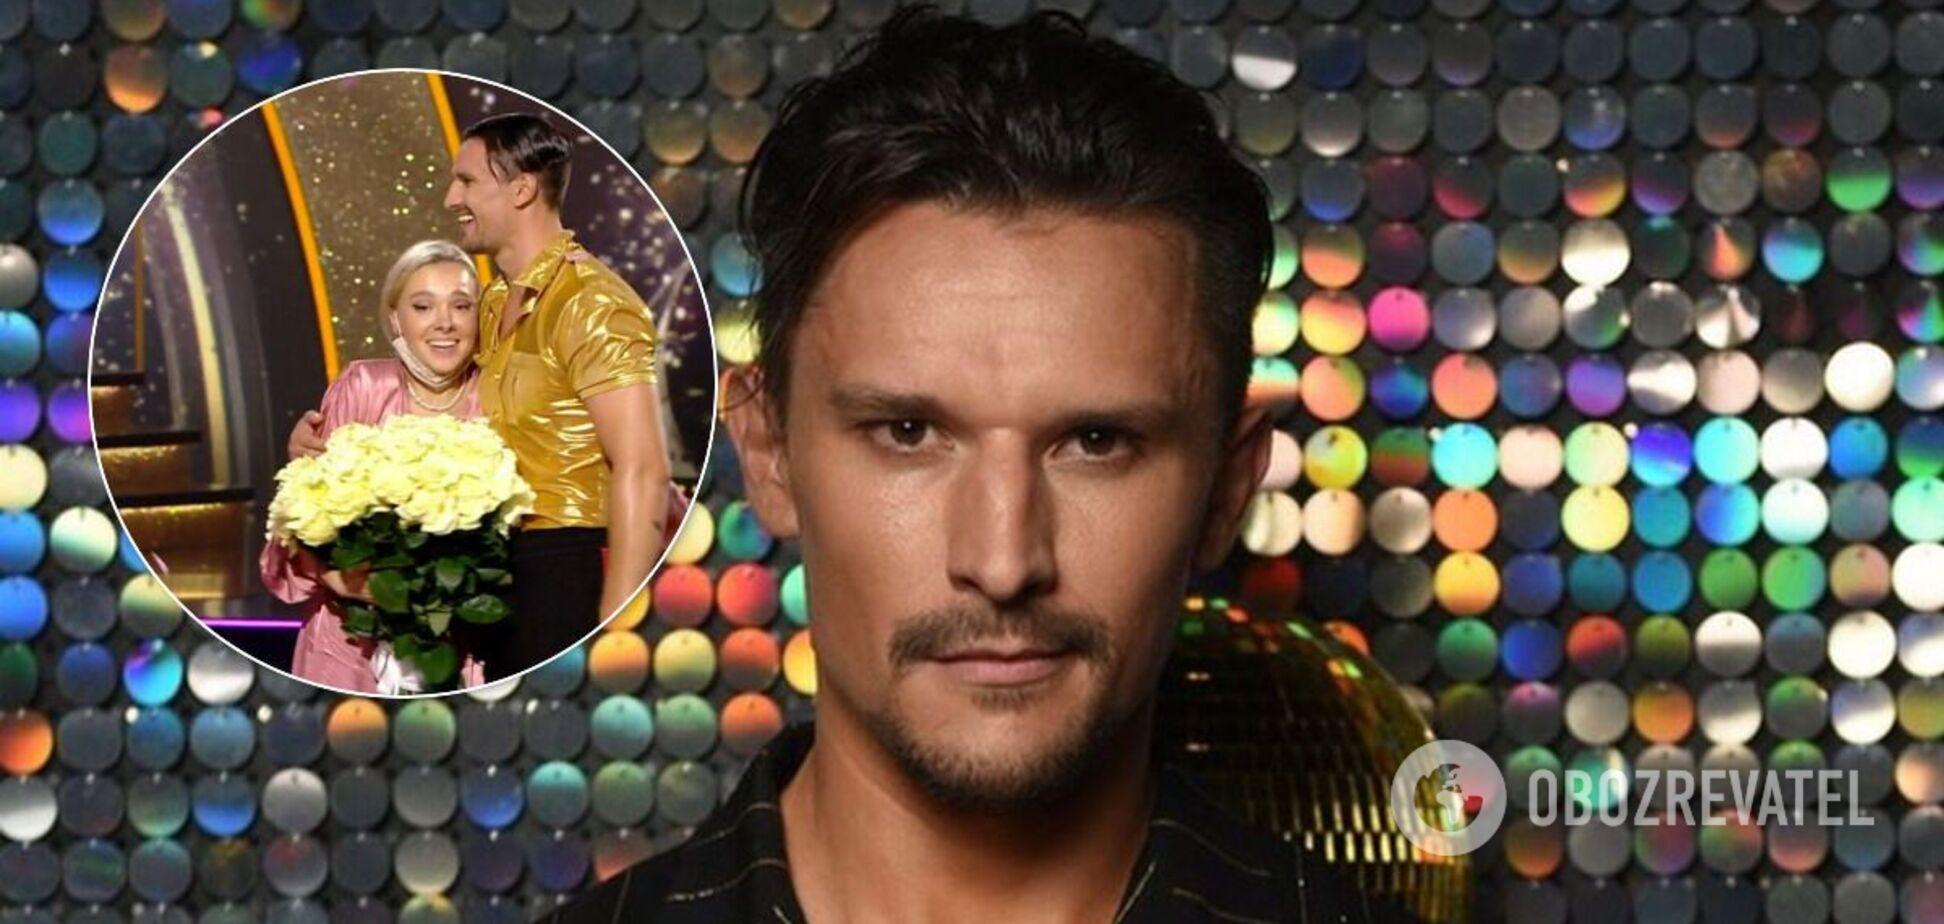 Секс-символ 'Танців з зірками' Цимбалюк сделал предложение возлюбленной на шоу